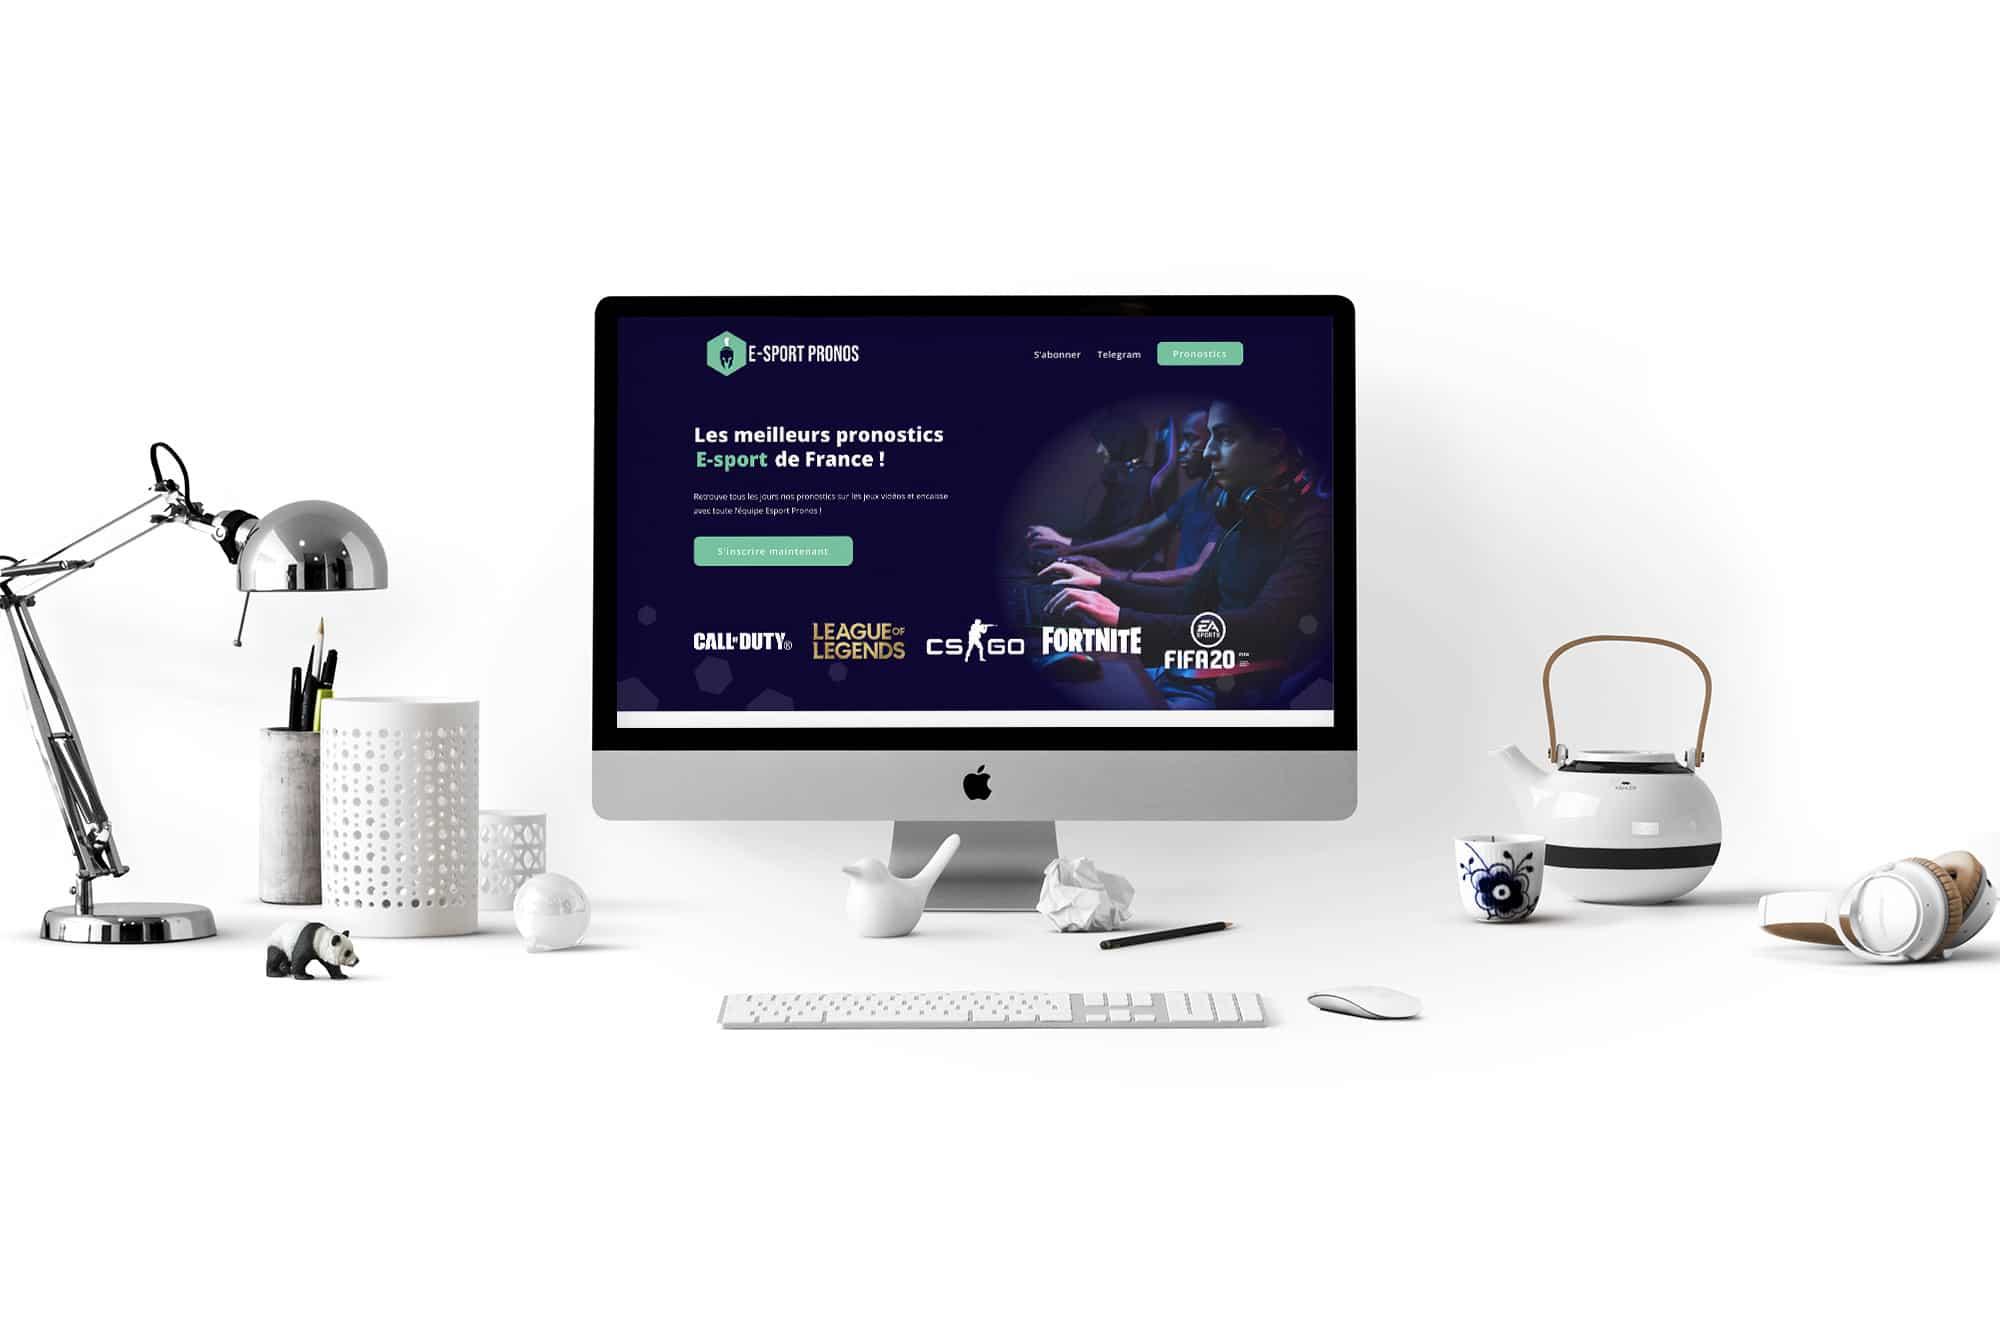 Desktop E-sport Pronos